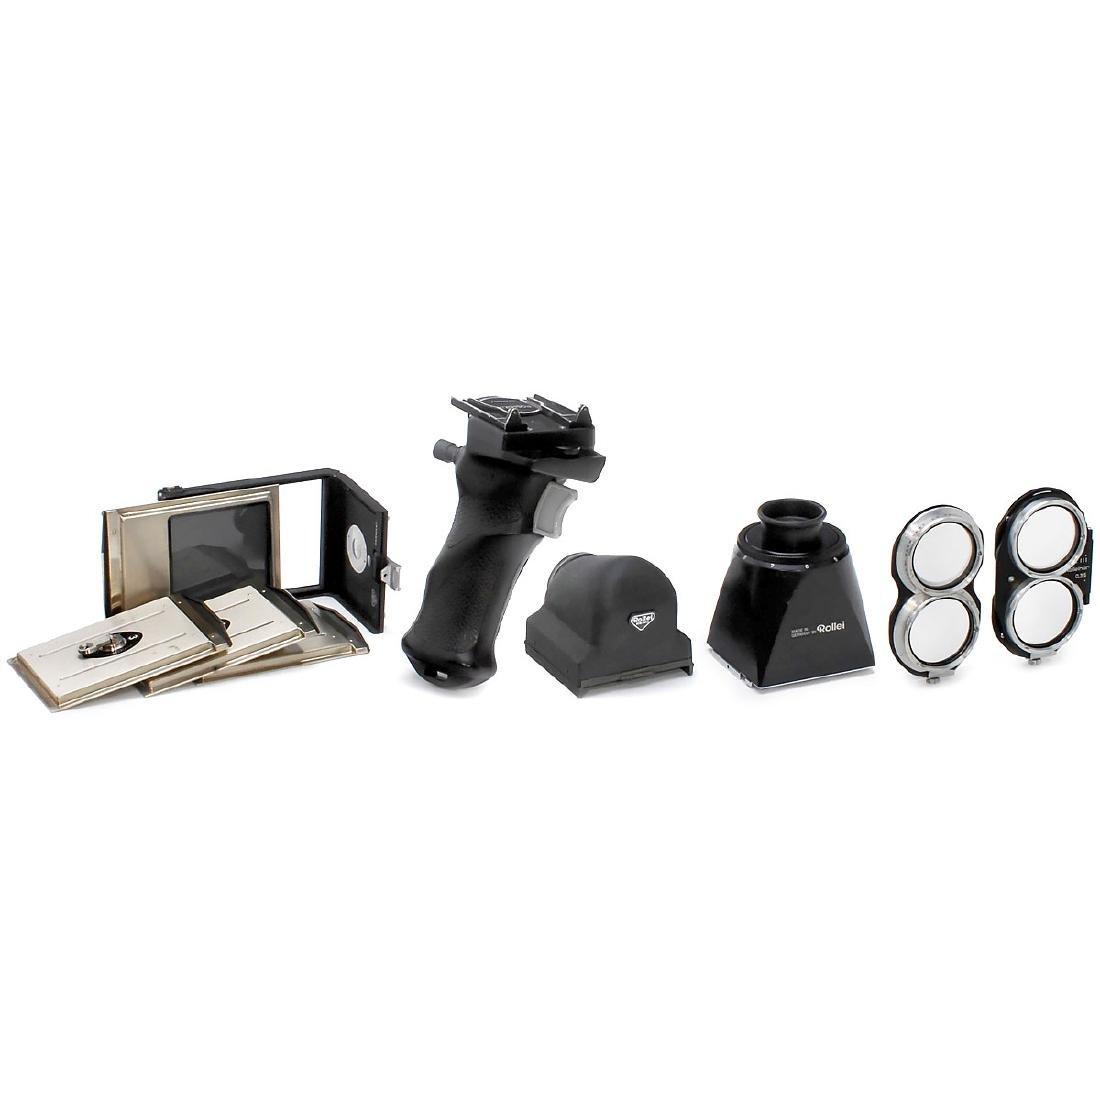 Rolleiflex TLR Accessories